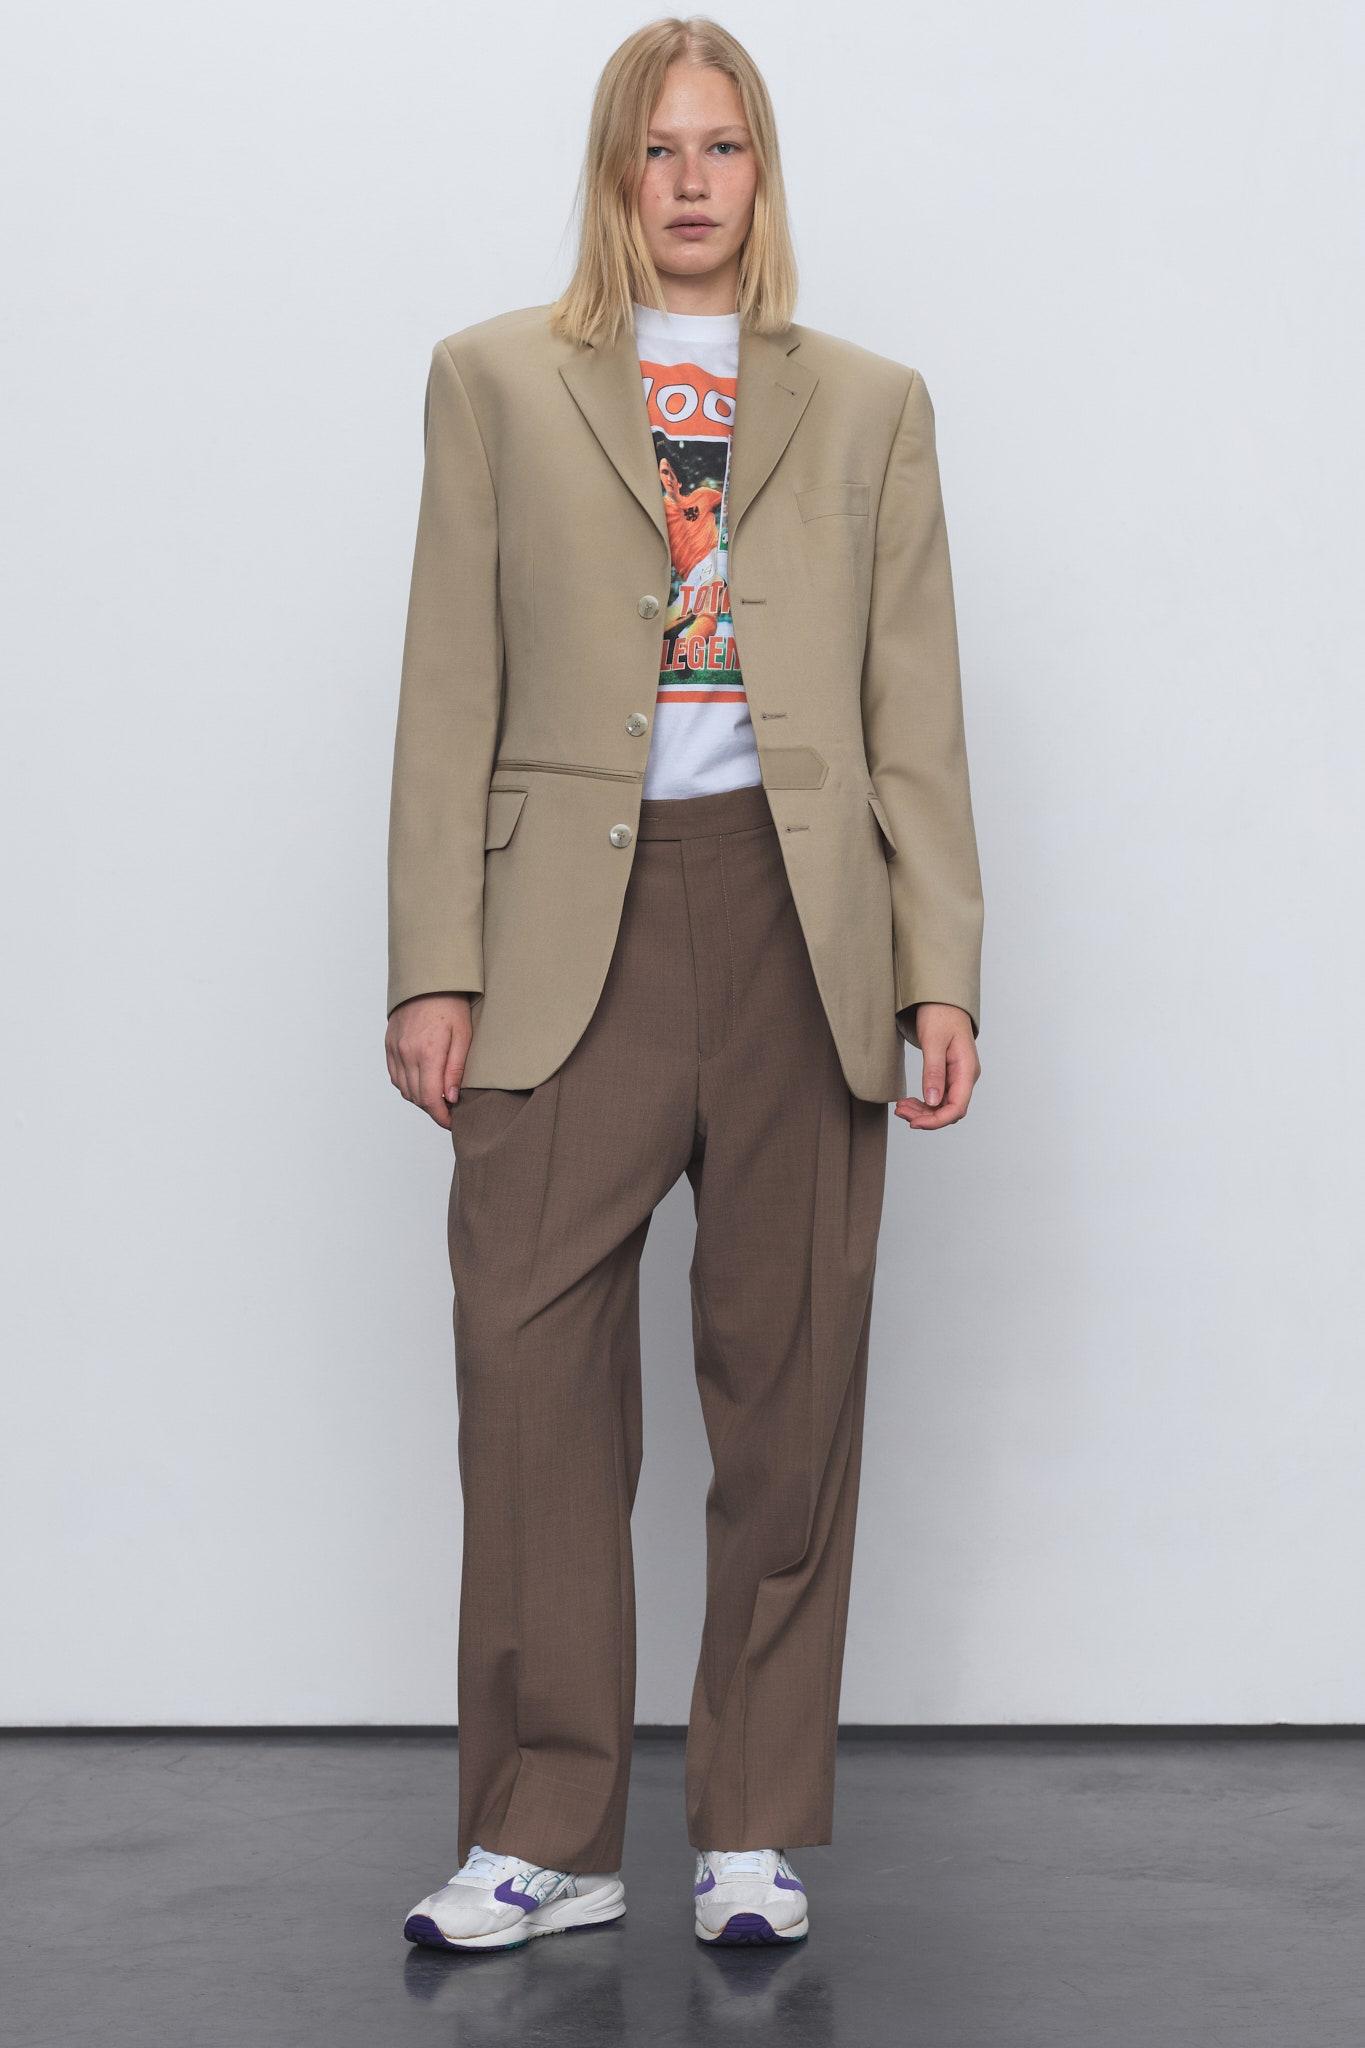 Юлия Пелипас показала новую коллекцию своего бренда Better